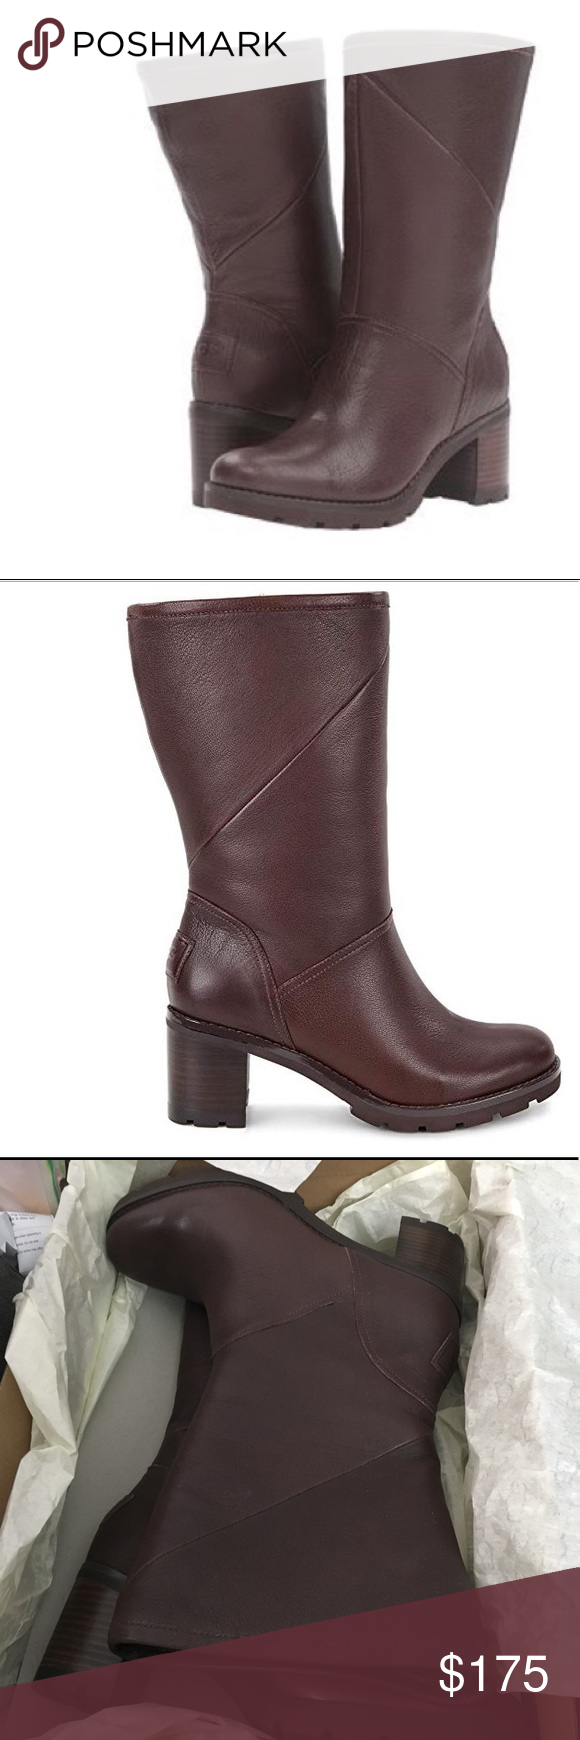 649f60edbe1 NIB UGG Jessia Boots in Stout, Size 10 NIB UGG Jessia Boots in Stout ...